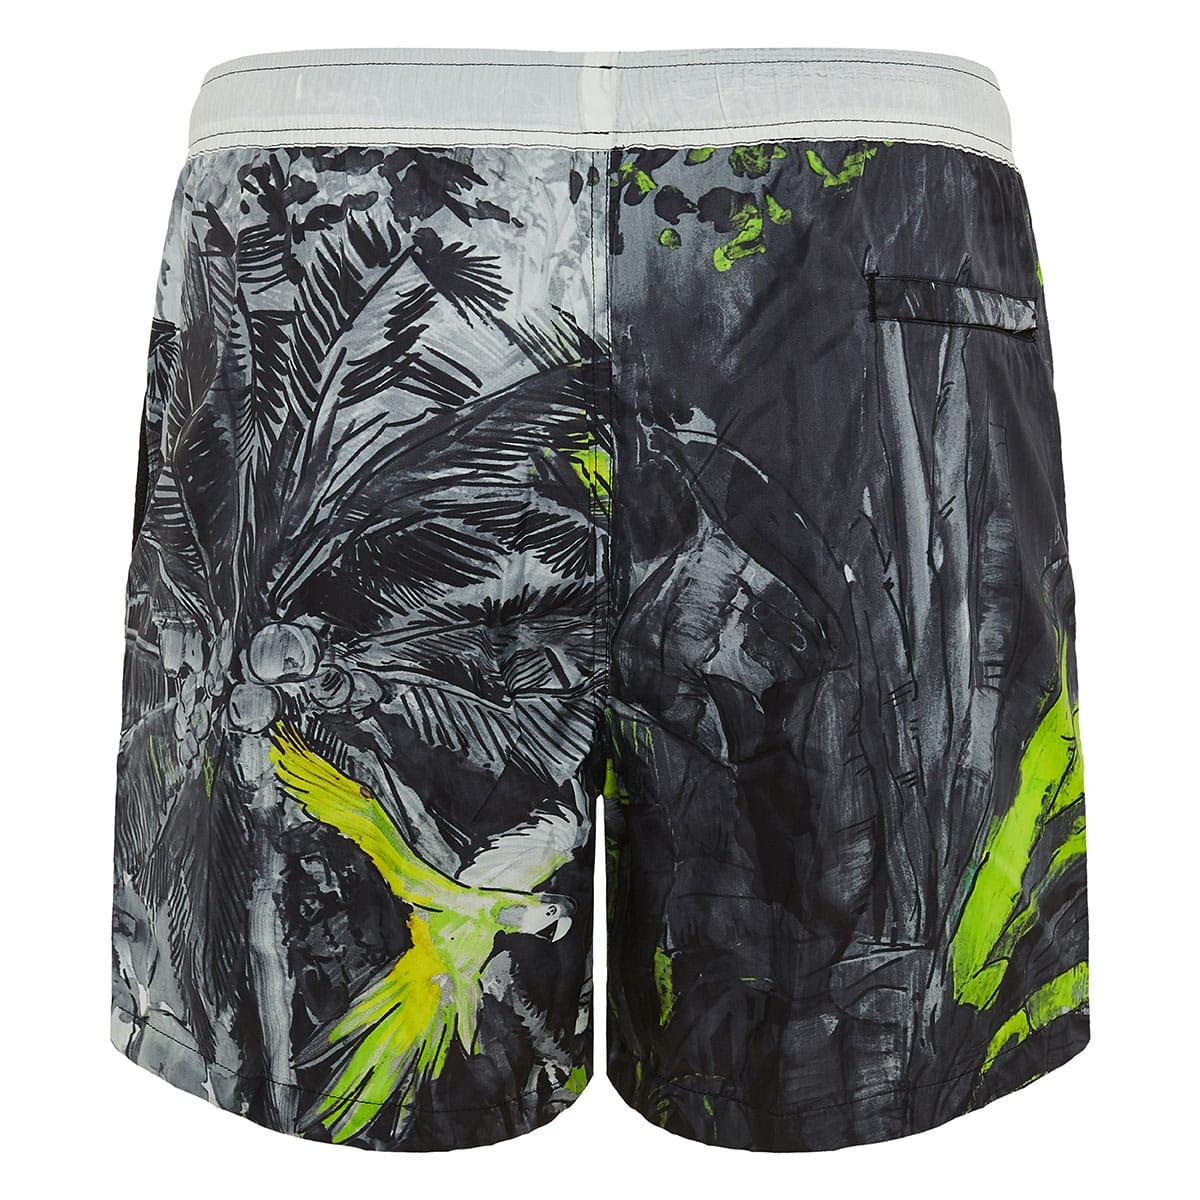 Mural Jungle printed swim shorts